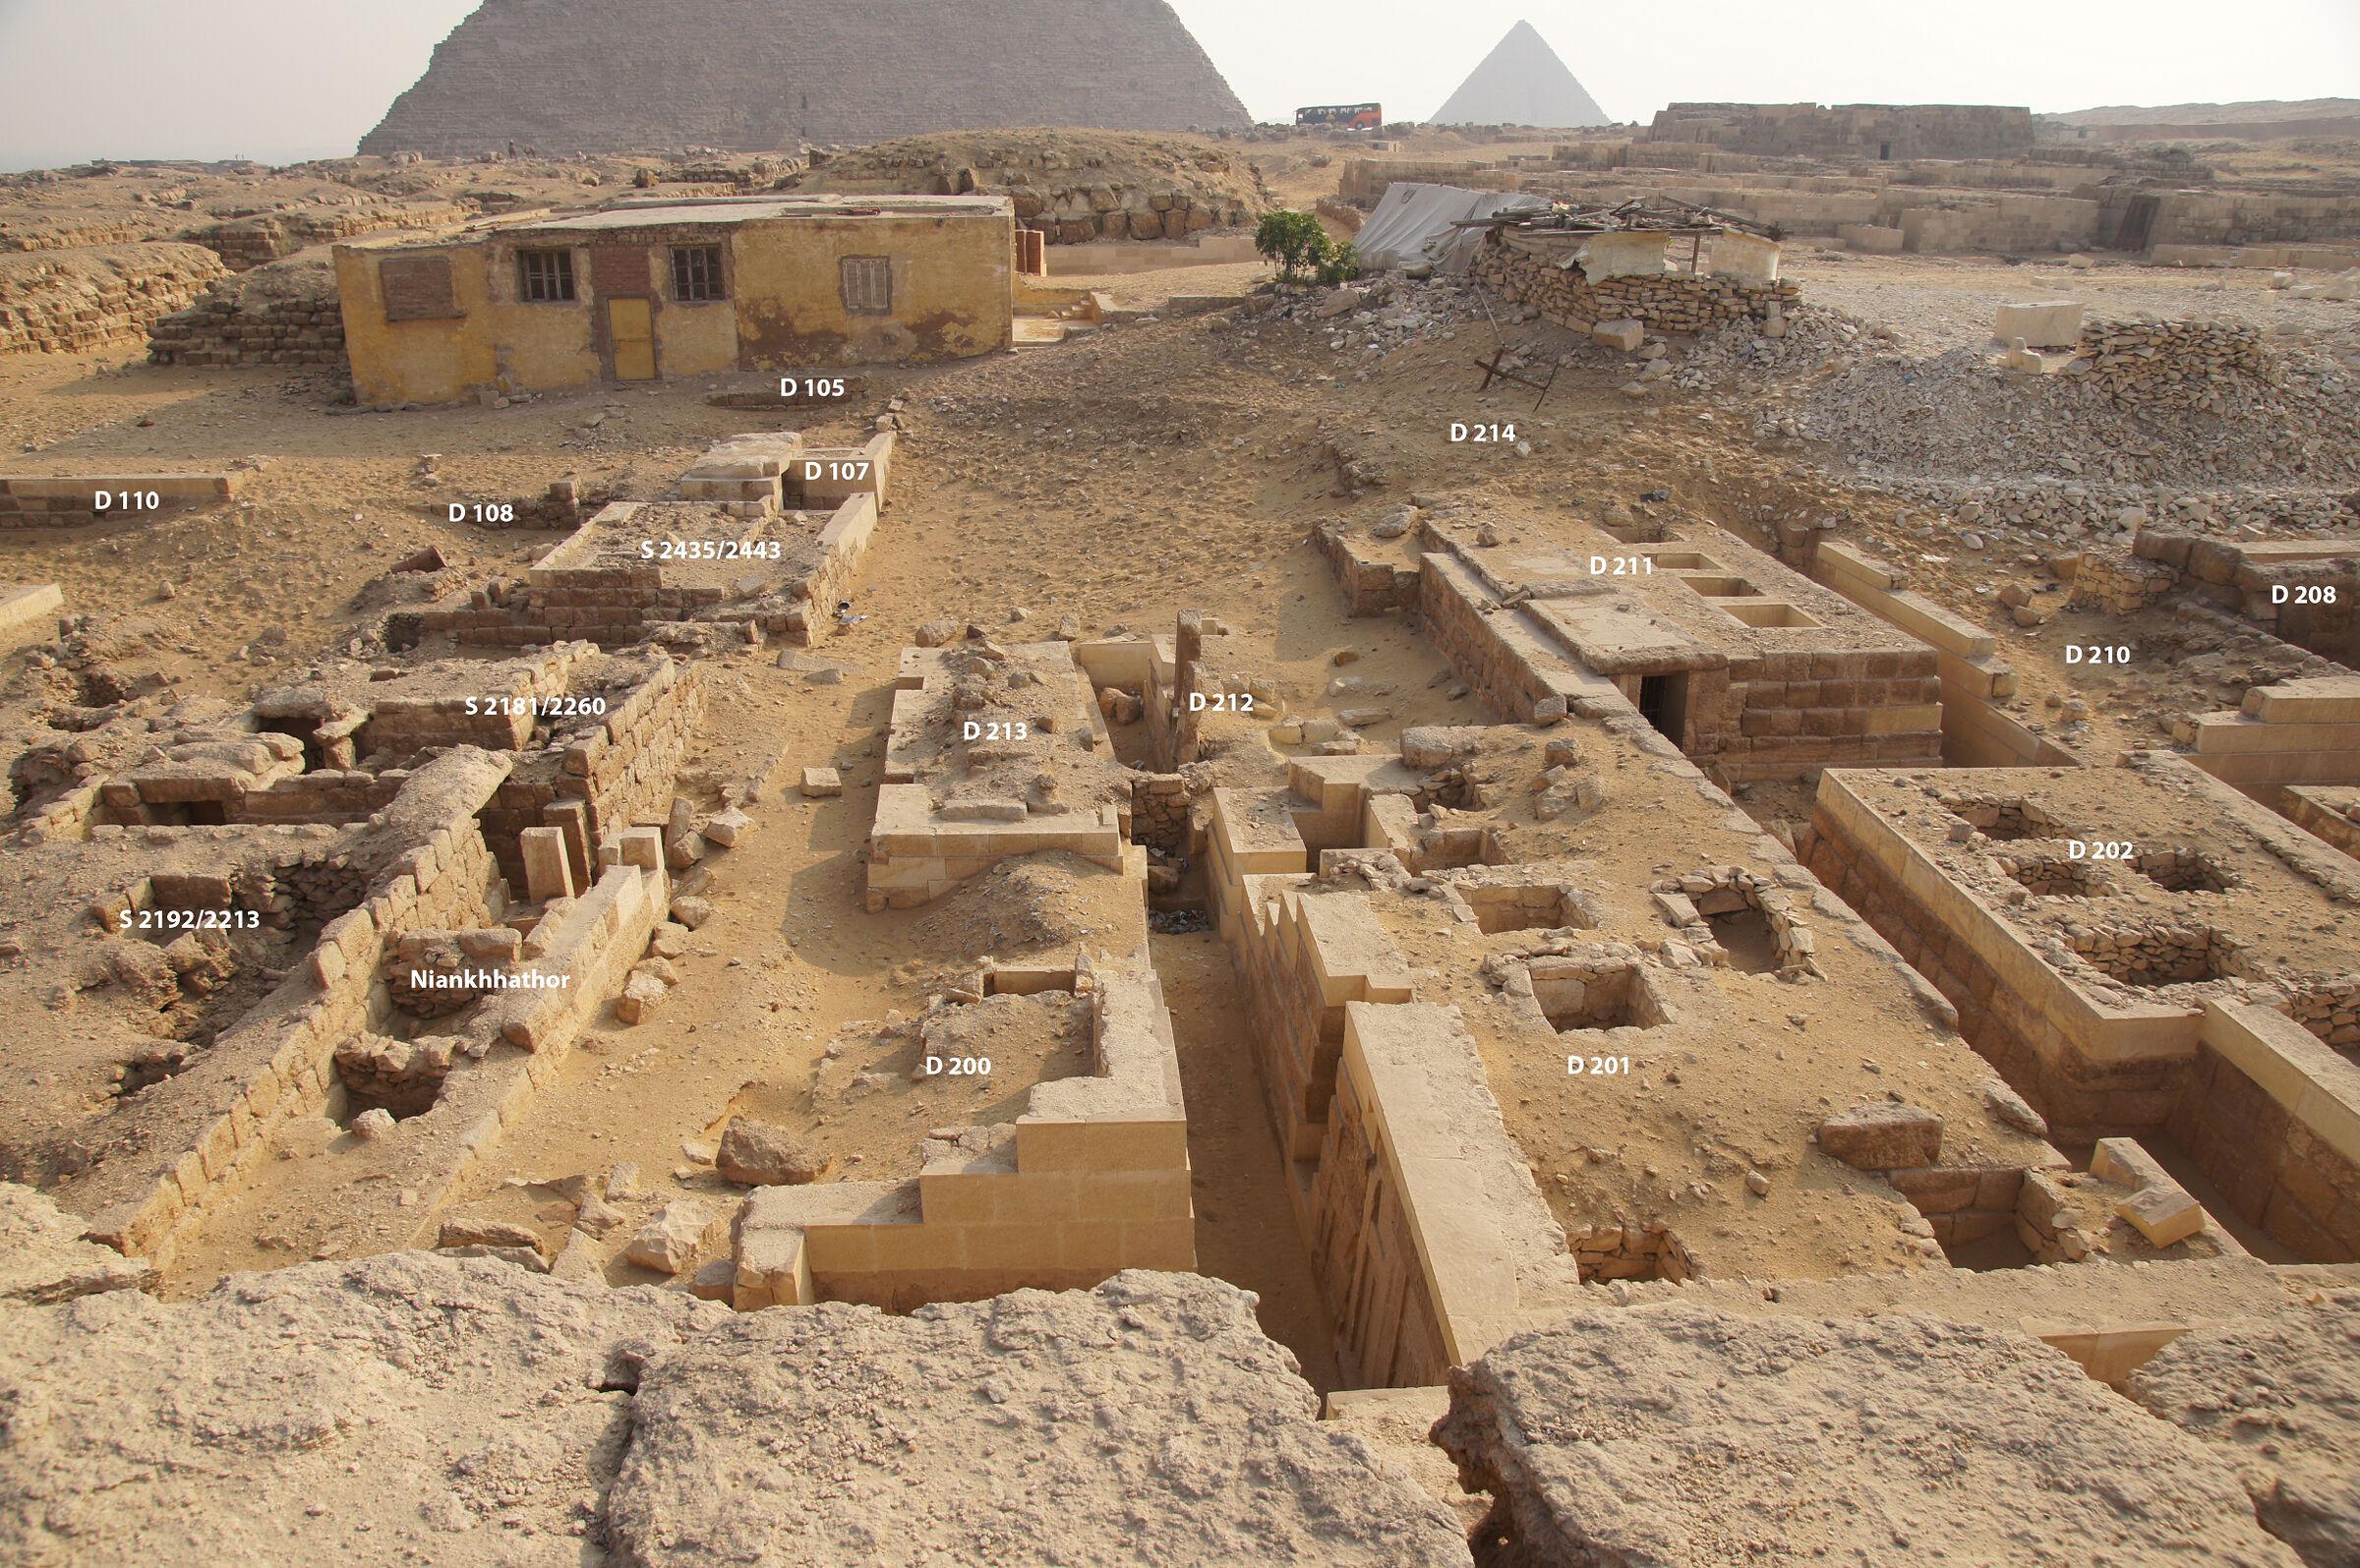 Western Cemetery: Site: Giza; View: D 110, D 108, S 2192/2213, S 2181/2260, S 2435/2443, D 107, D 105, D 200, D 213, D 201, D 212, D 202, D 211, D 214, D 210, D 208